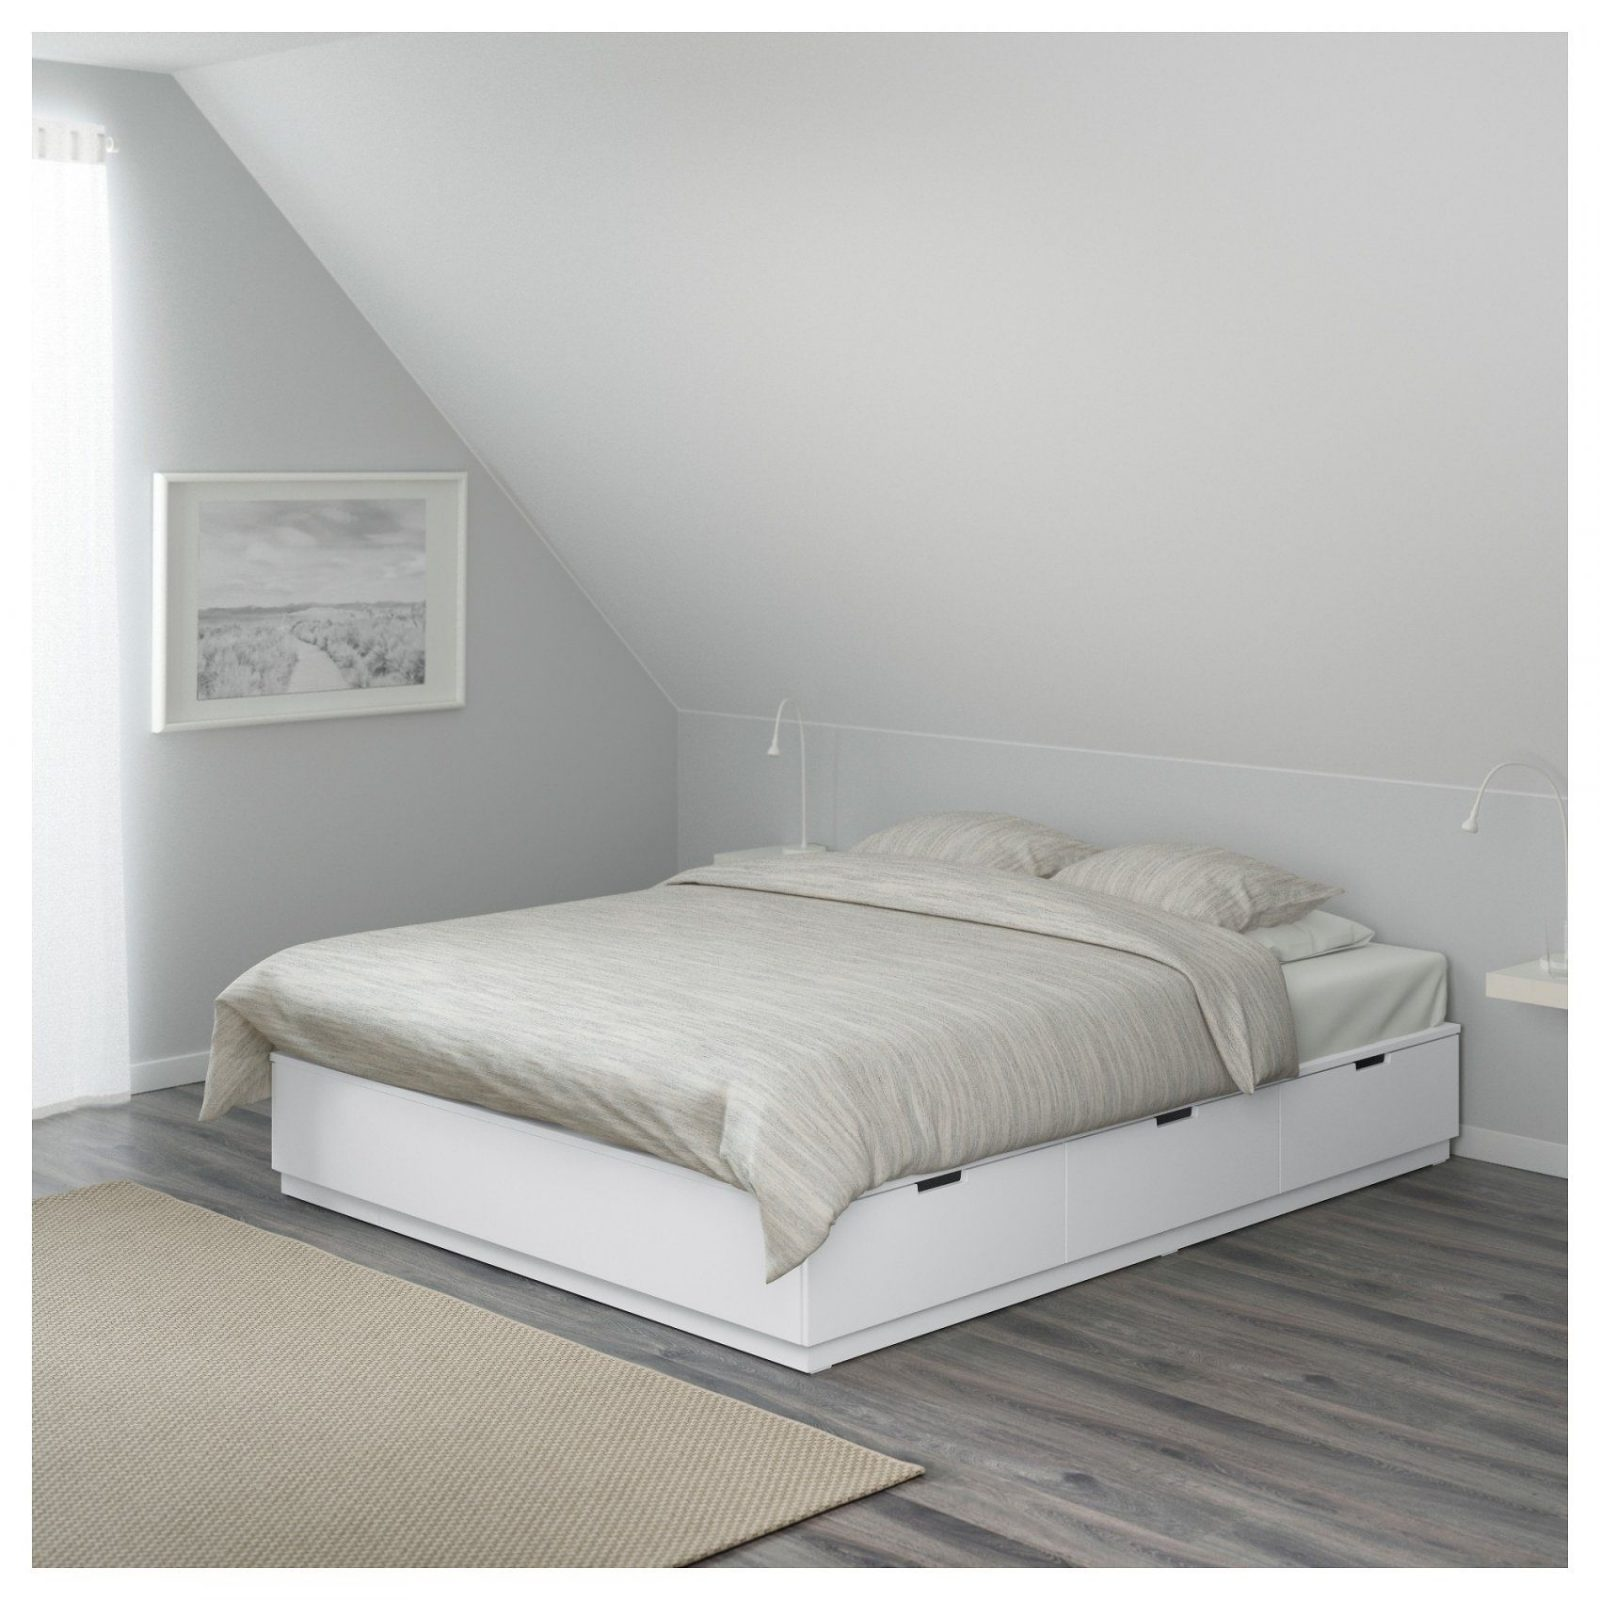 einzelbett mit unterbett wei daredevz von ikea bett mit kasten photo haus design ideen. Black Bedroom Furniture Sets. Home Design Ideas